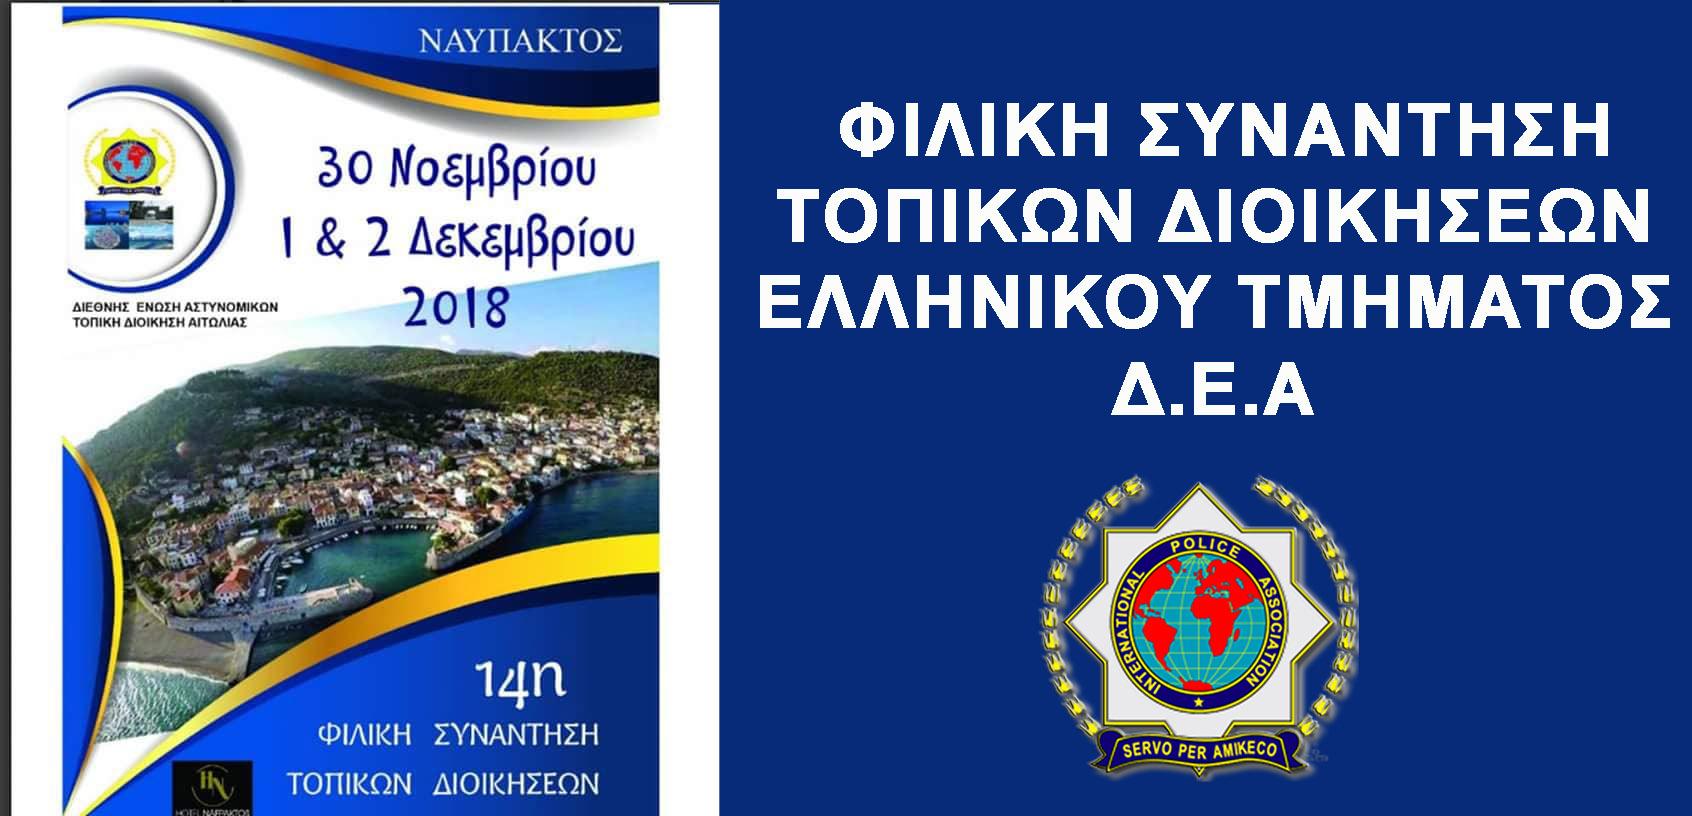 14η Φιλική Συνάντηση Τ.Δ. Ελληνικού Εθνικού Τμήματος Δ.Ε.Α.